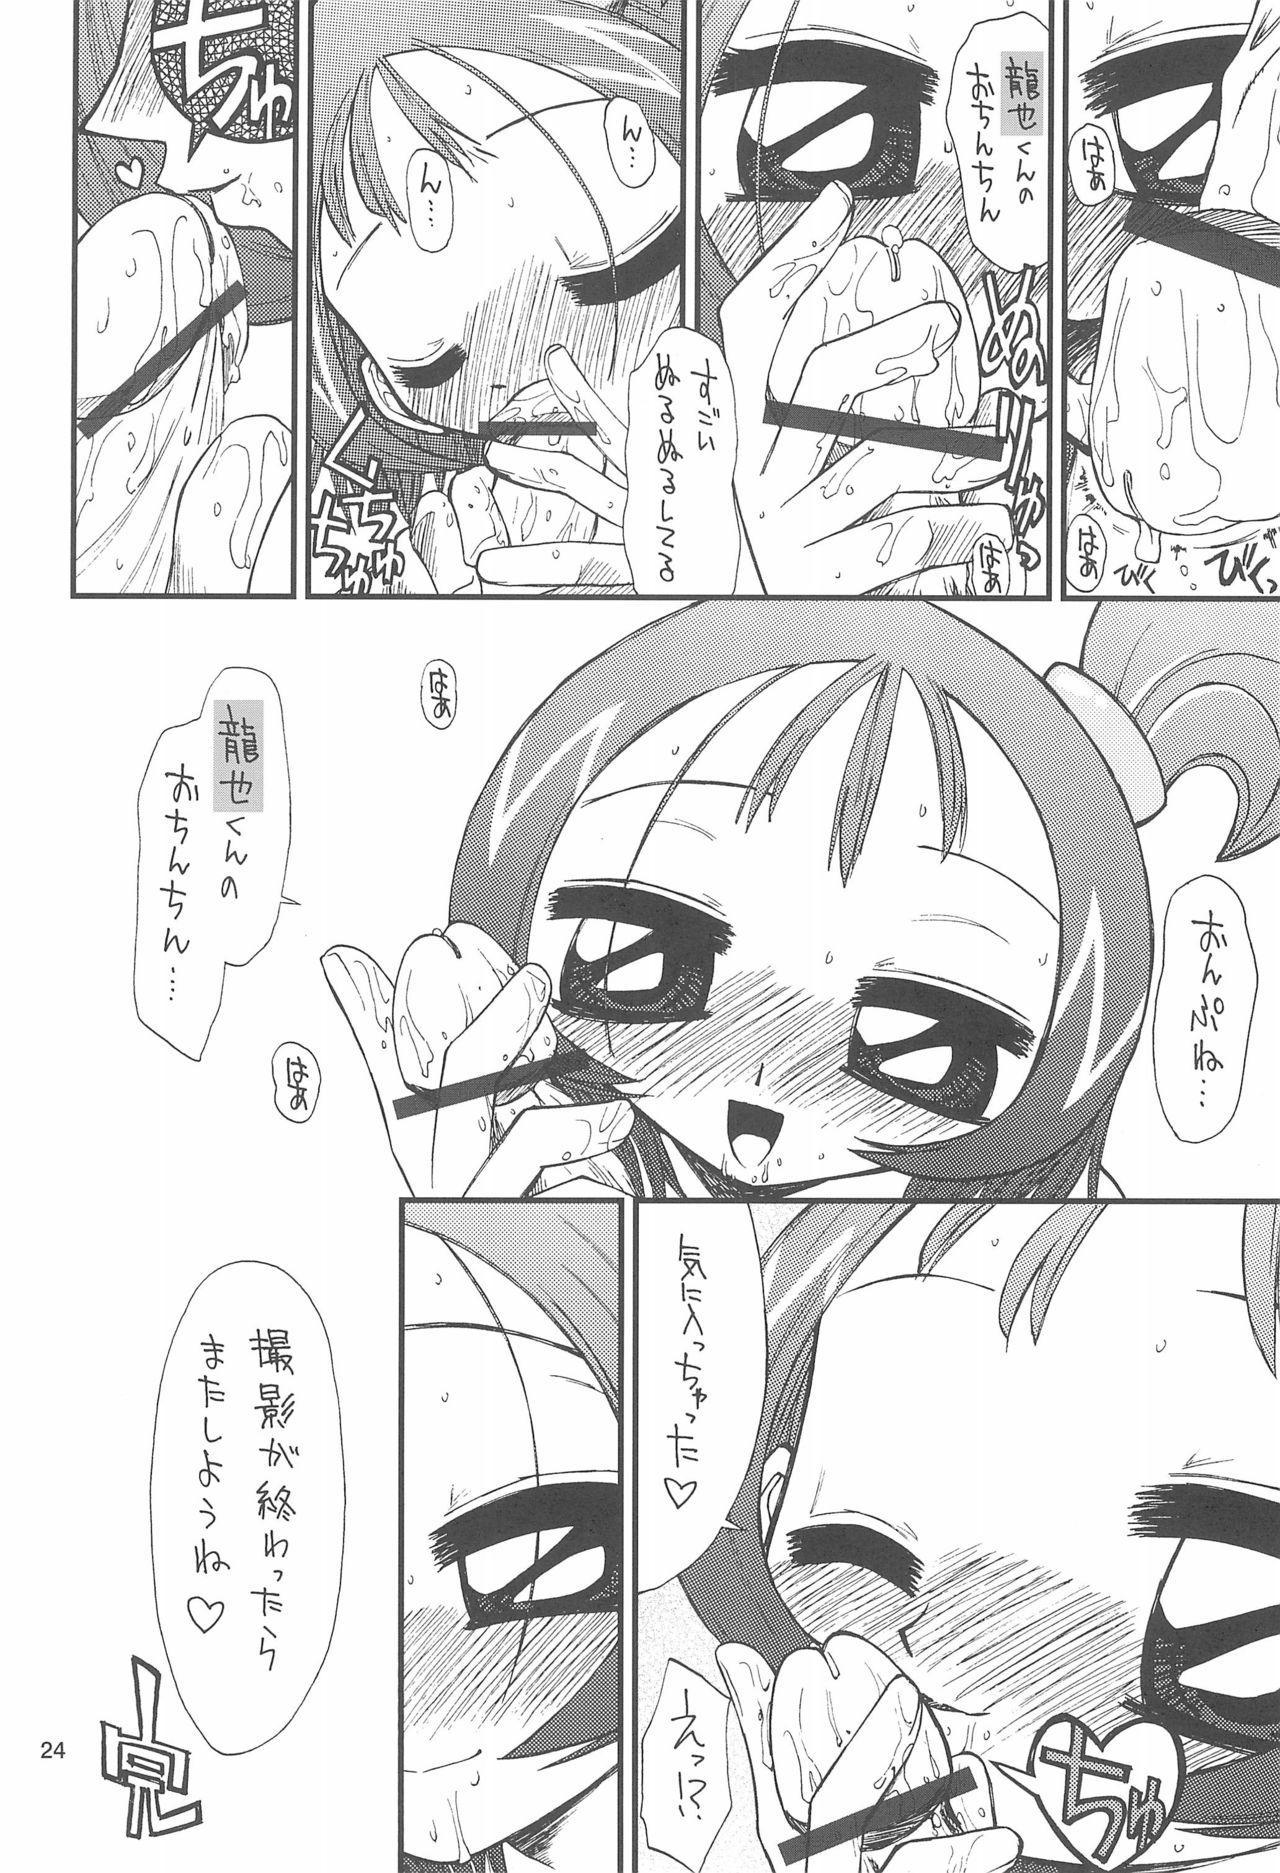 [Tokai Oohashi (Kari) (Ryu-ya)] Onpu-chan/Hana-chan (Ojamajo Doremi) 25